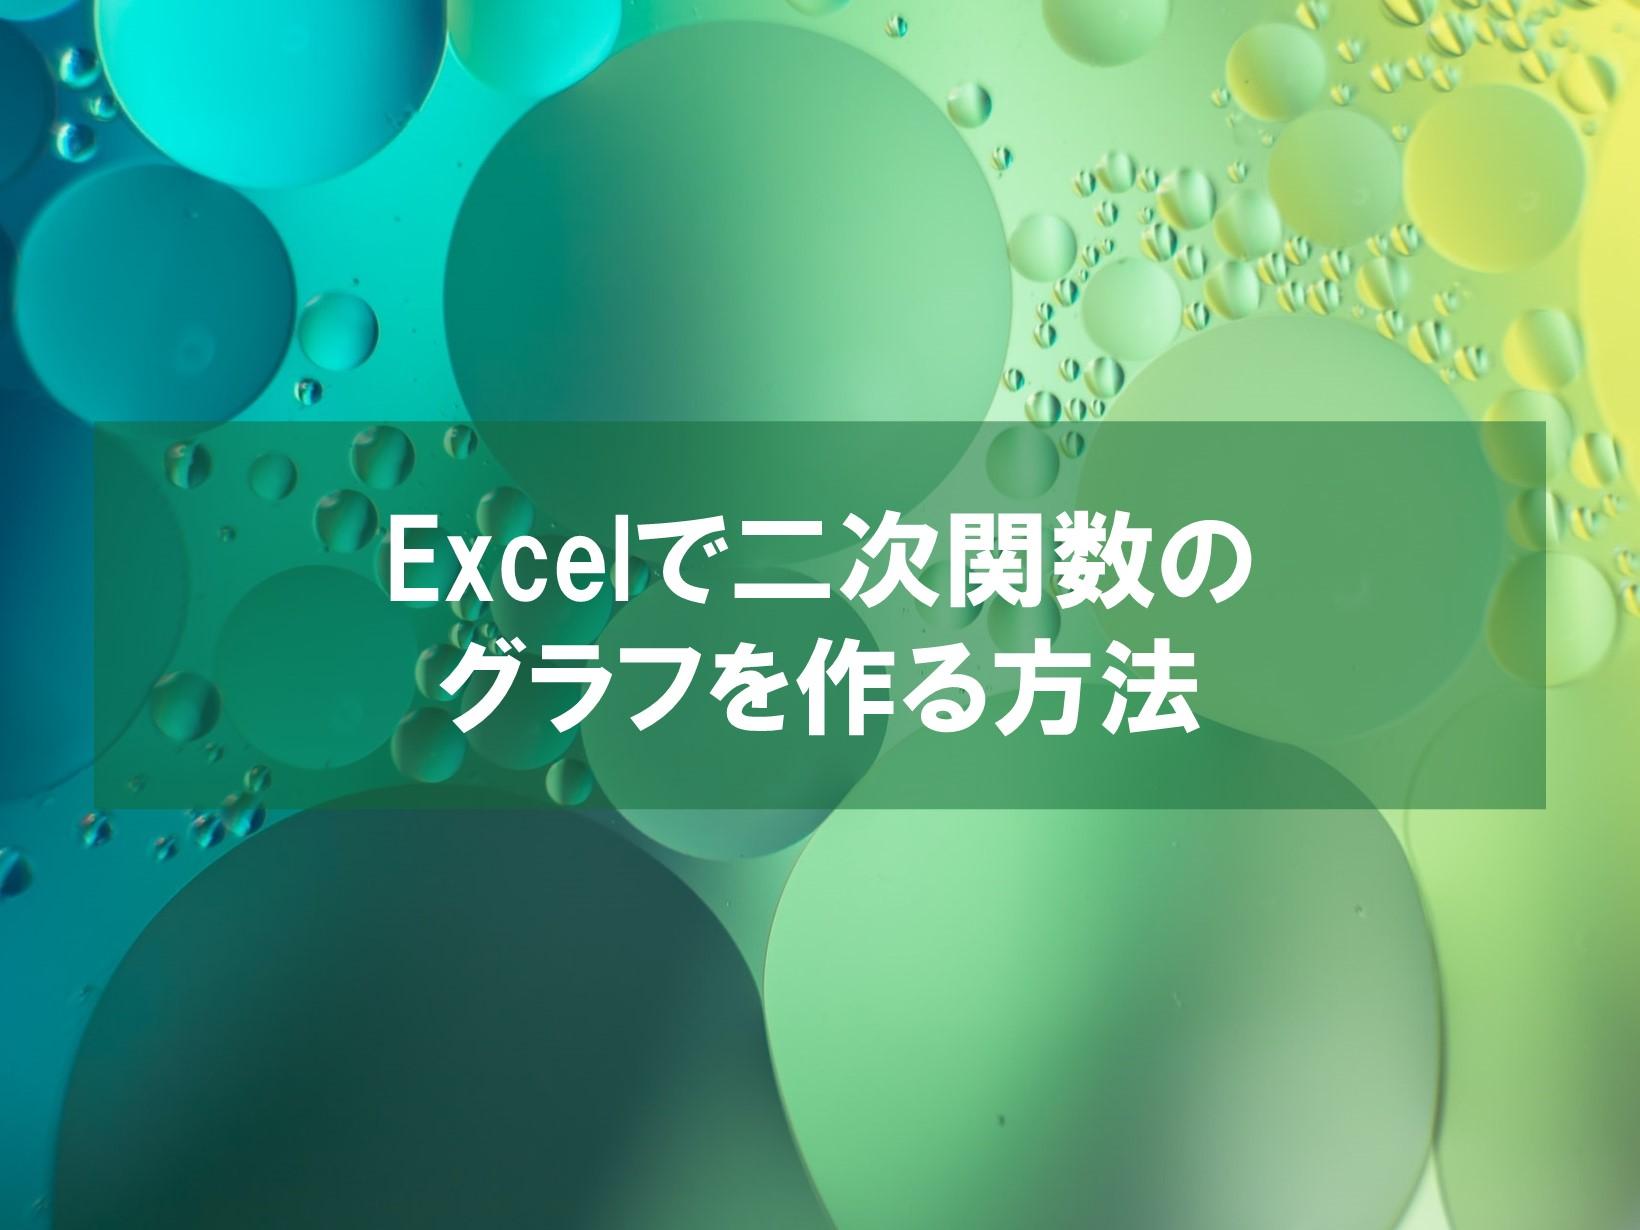 【Excel】二次関数のグラフを作る方法【簡単】